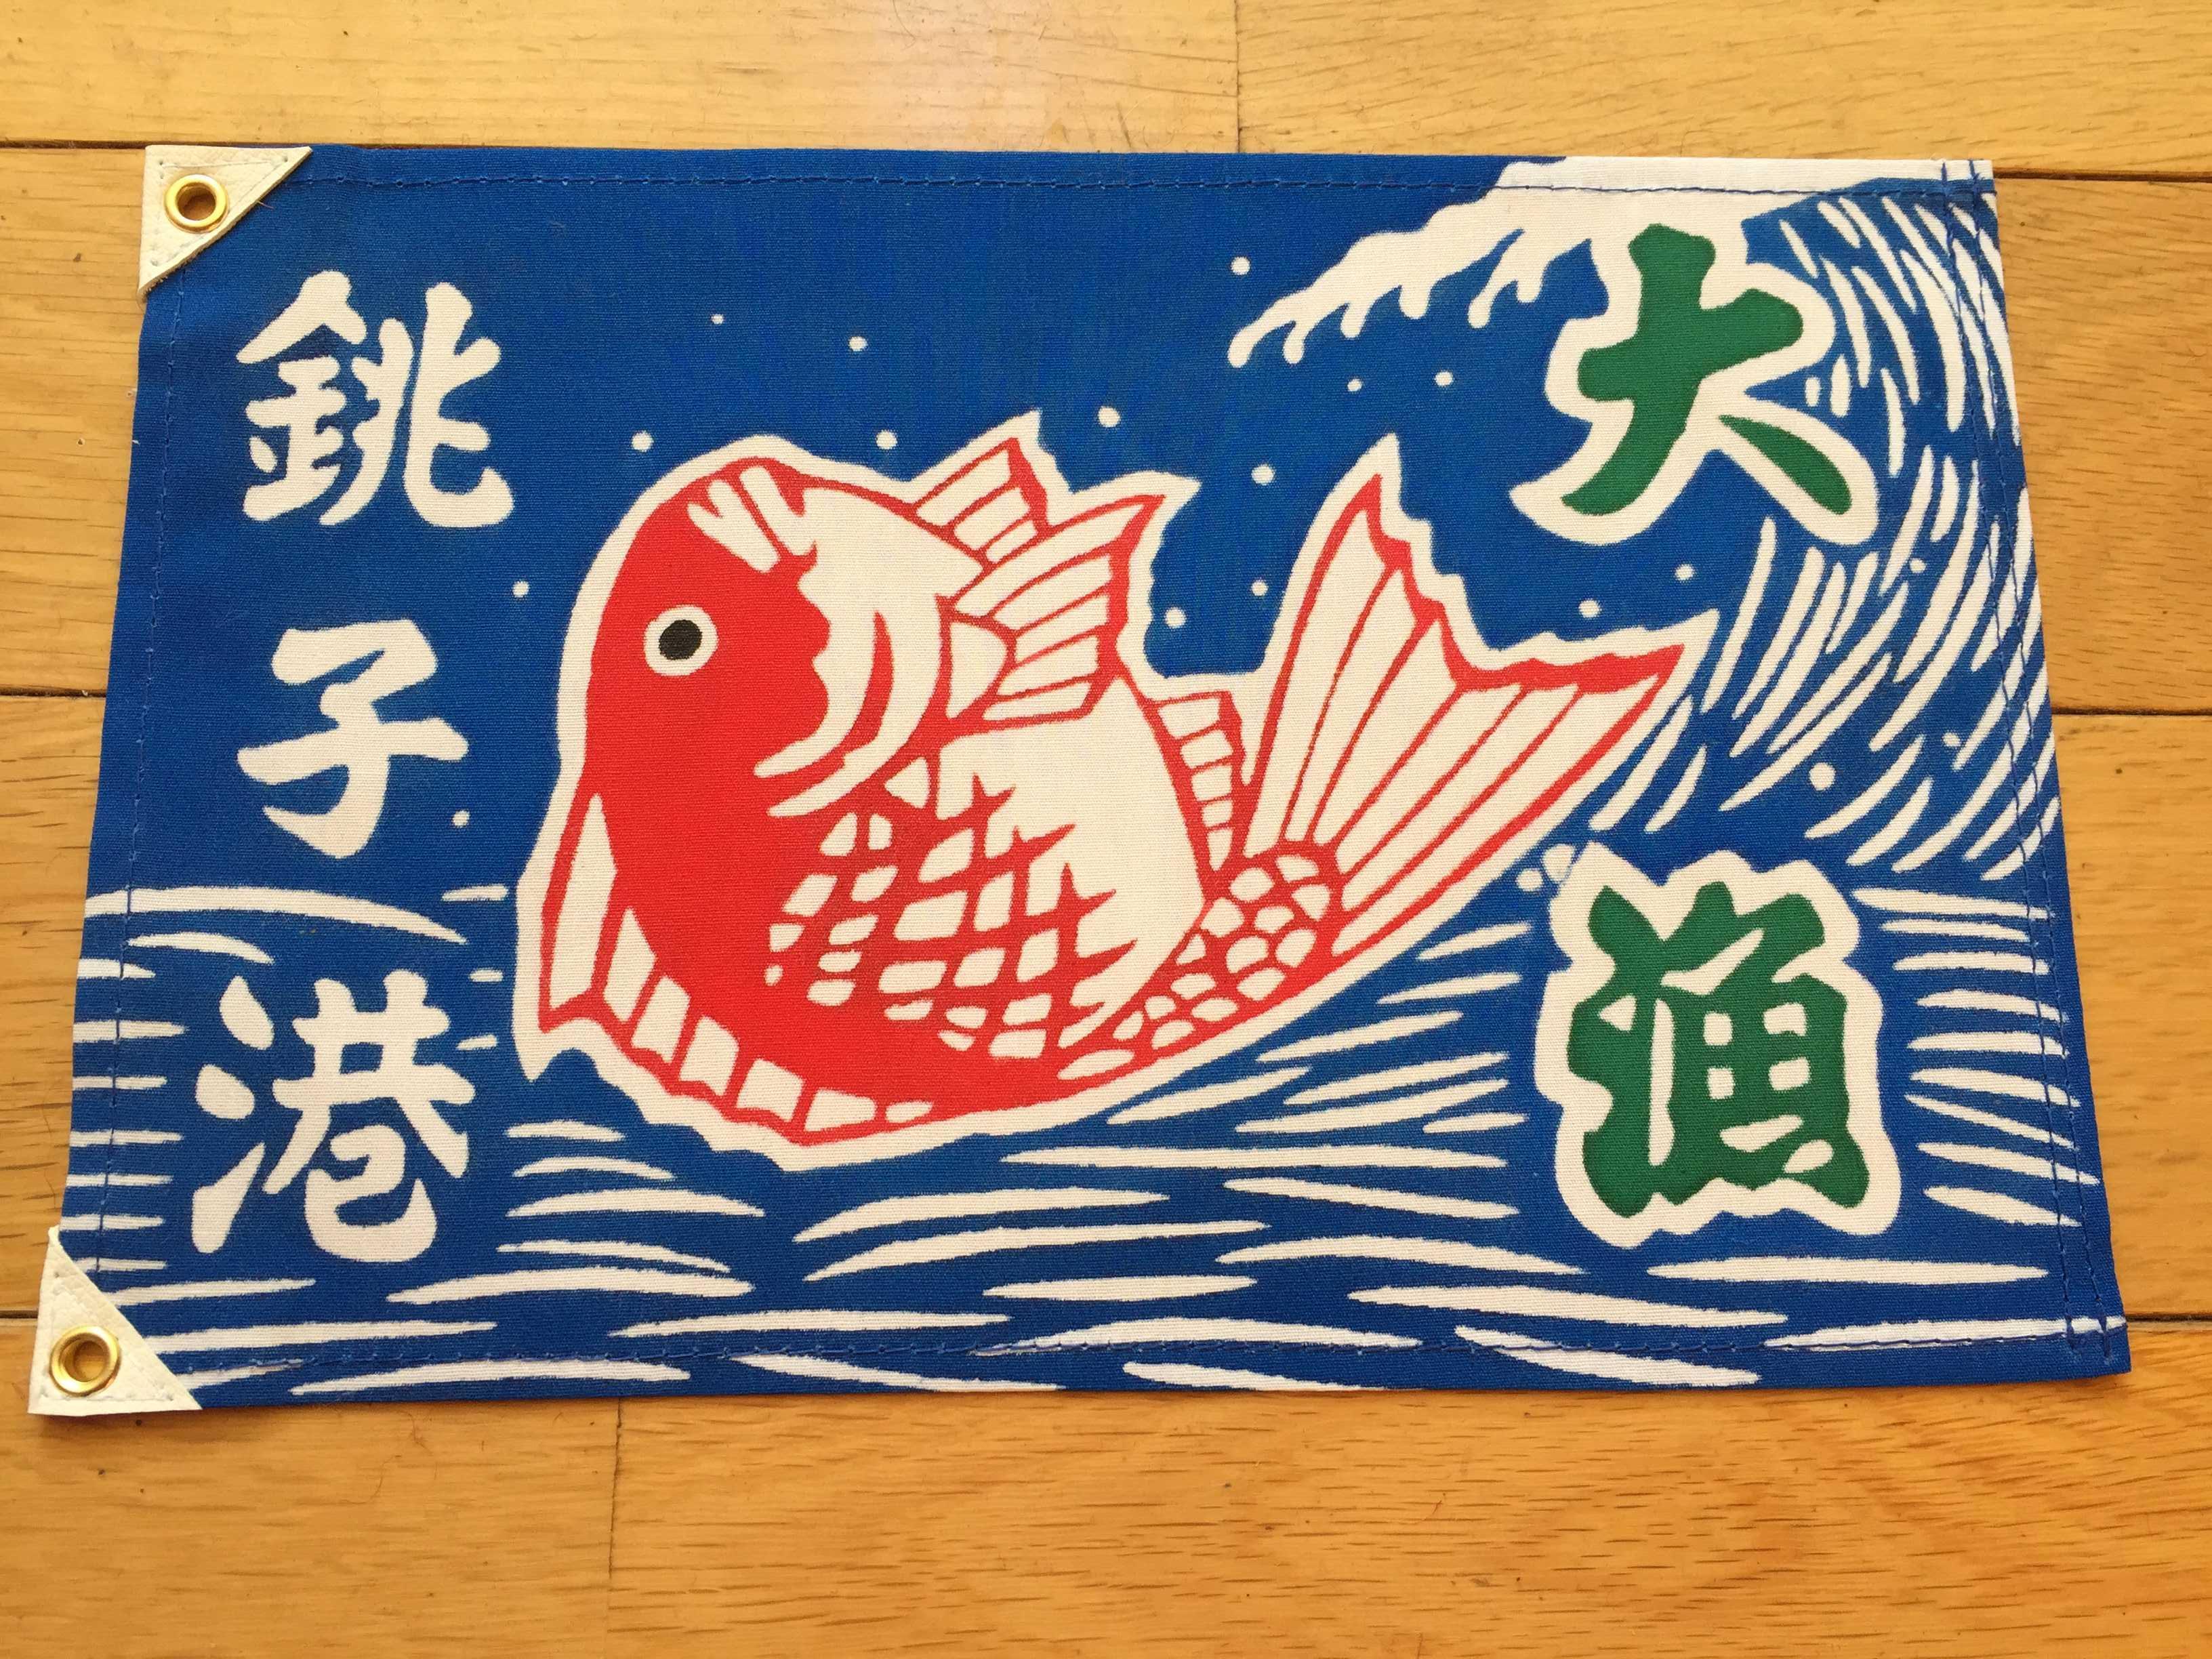 銚子の鯛の小さな大漁旗(ミニミニ大漁旗)